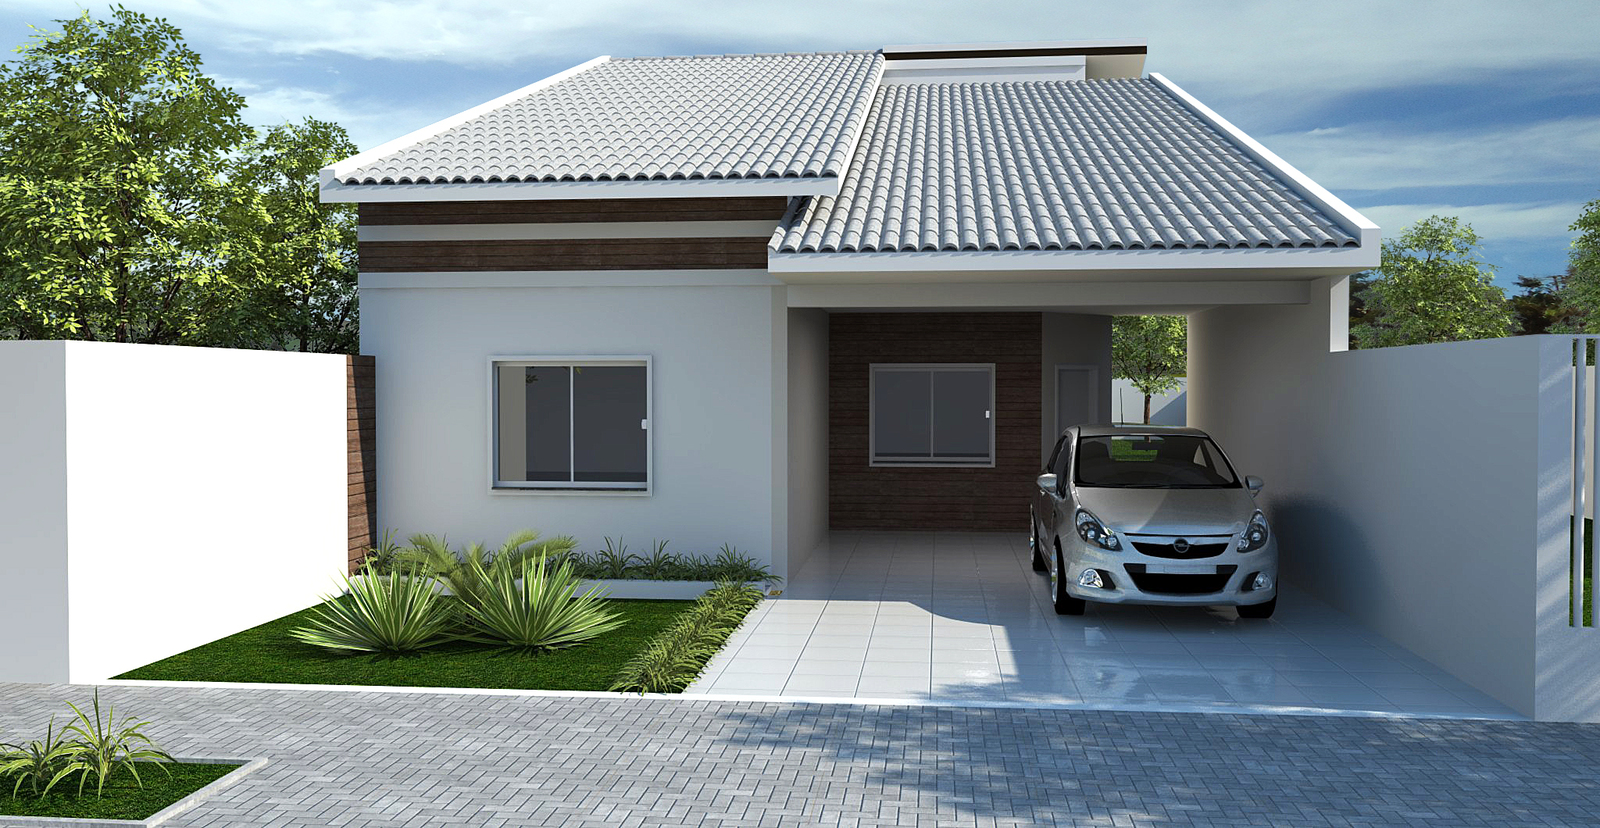 Fotos de fachadas de casas deixe a frente de casa linda for Fachadas de casas modernas a desnivel